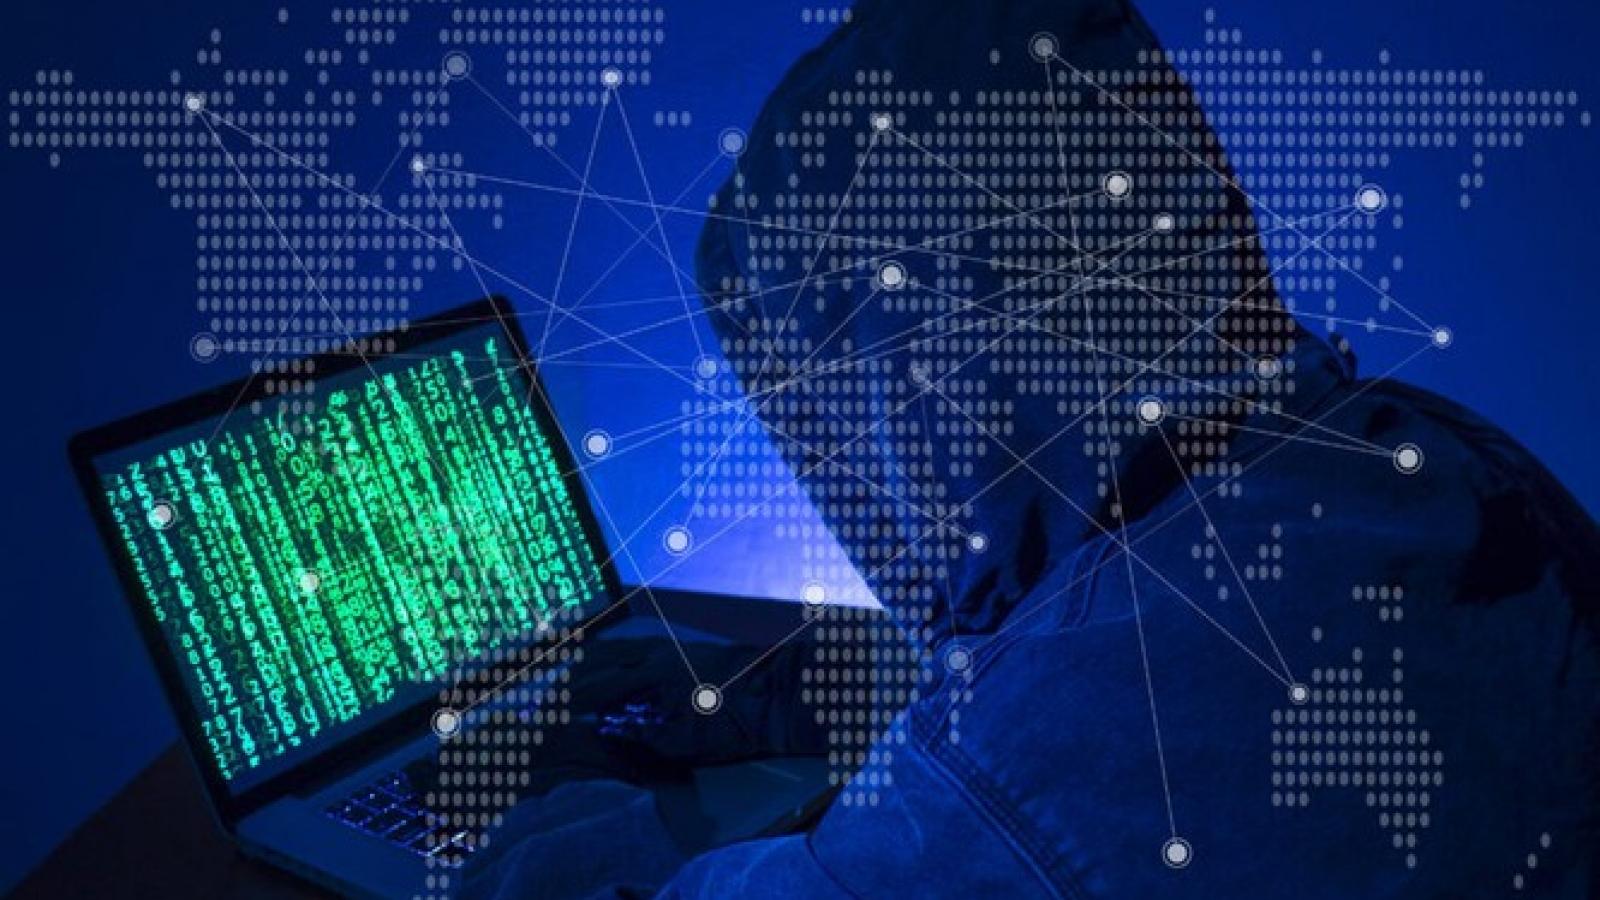 Nhóm hacker đến từ Nga đứng sau làn sóng tấn công mạng tại 24 nước